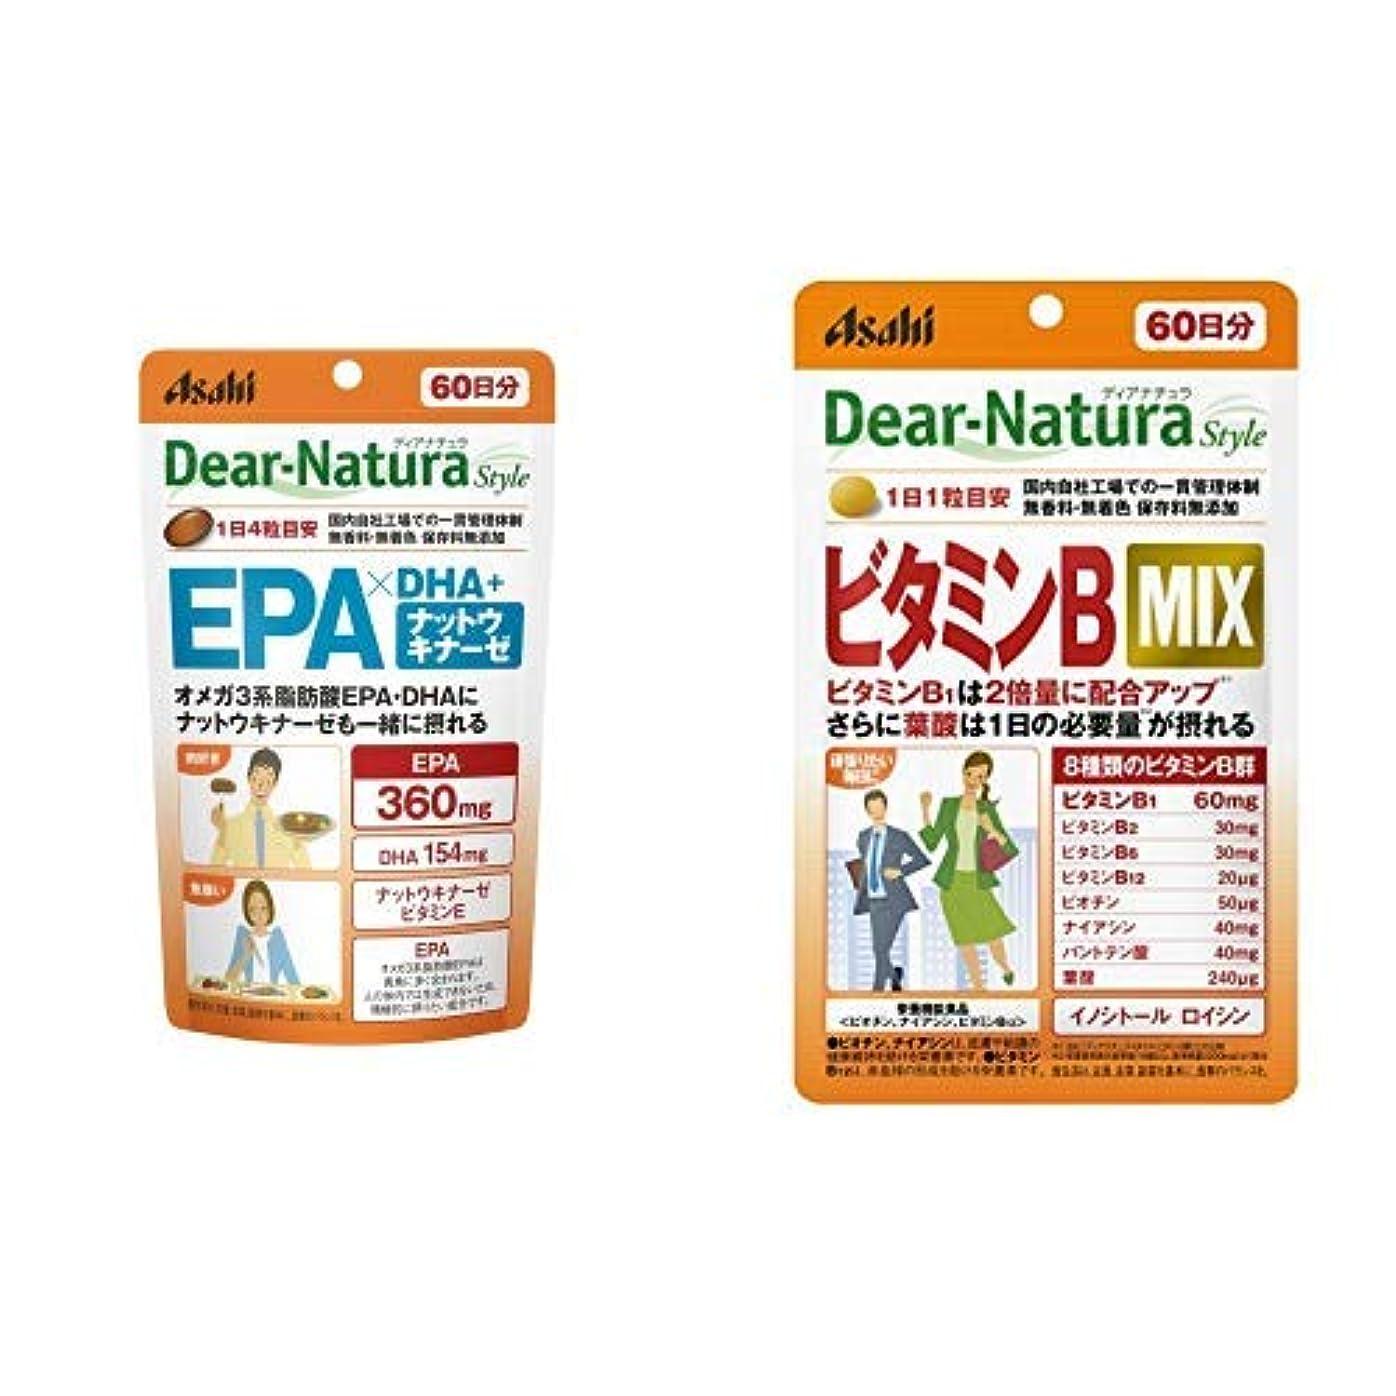 傑作論争秘密の【セット買い】ディアナチュラスタイル EPA×DHA+ナットウキナーゼ 60日分 & ビタミンB MIX 60日分